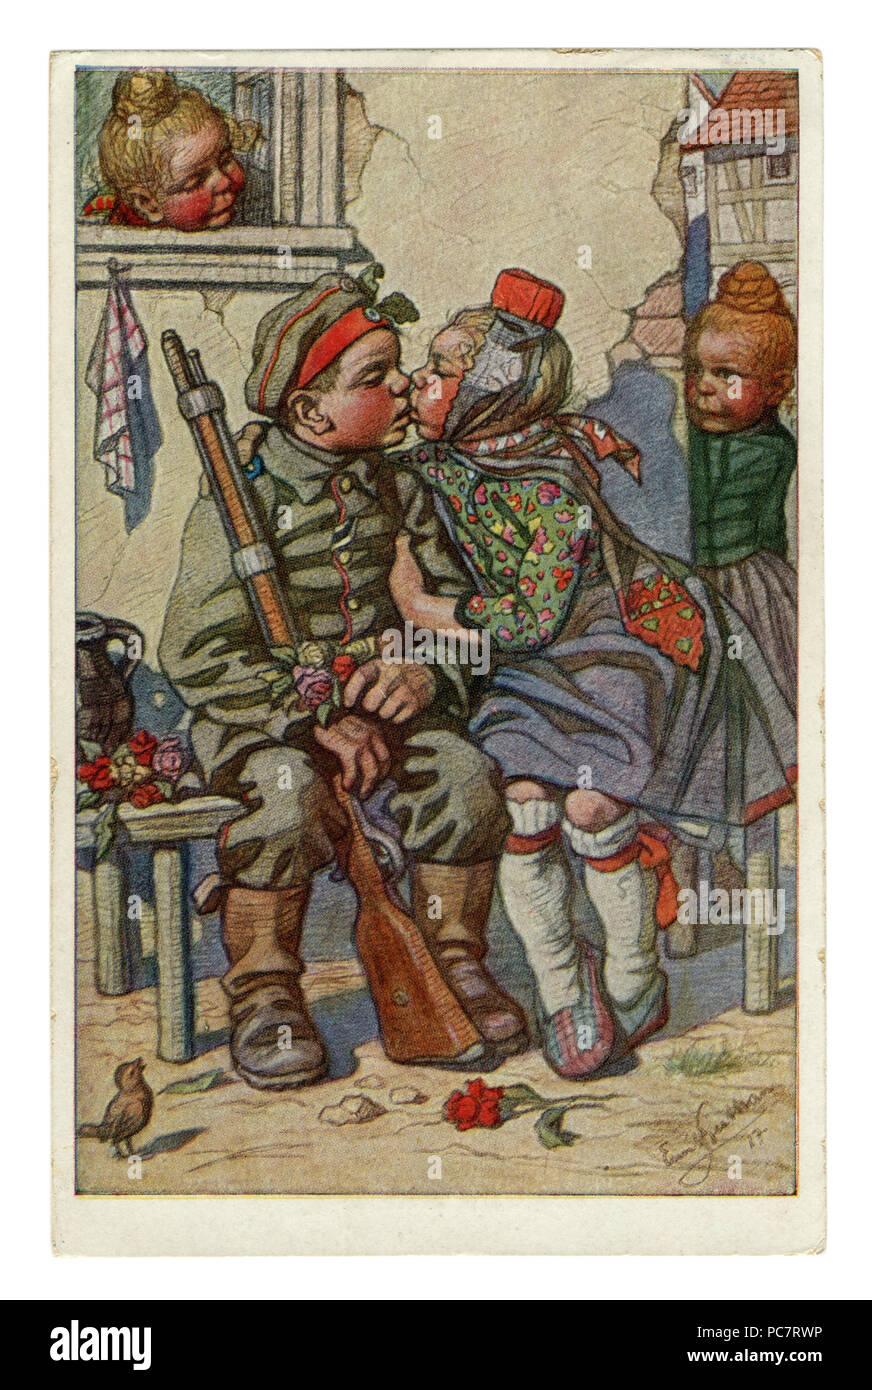 German Historical postal: los niños como los adultos: el soldado regresó a su novia desde la parte delantera con una cruz de hierro. Artista Beithan Emil, wwi Foto de stock